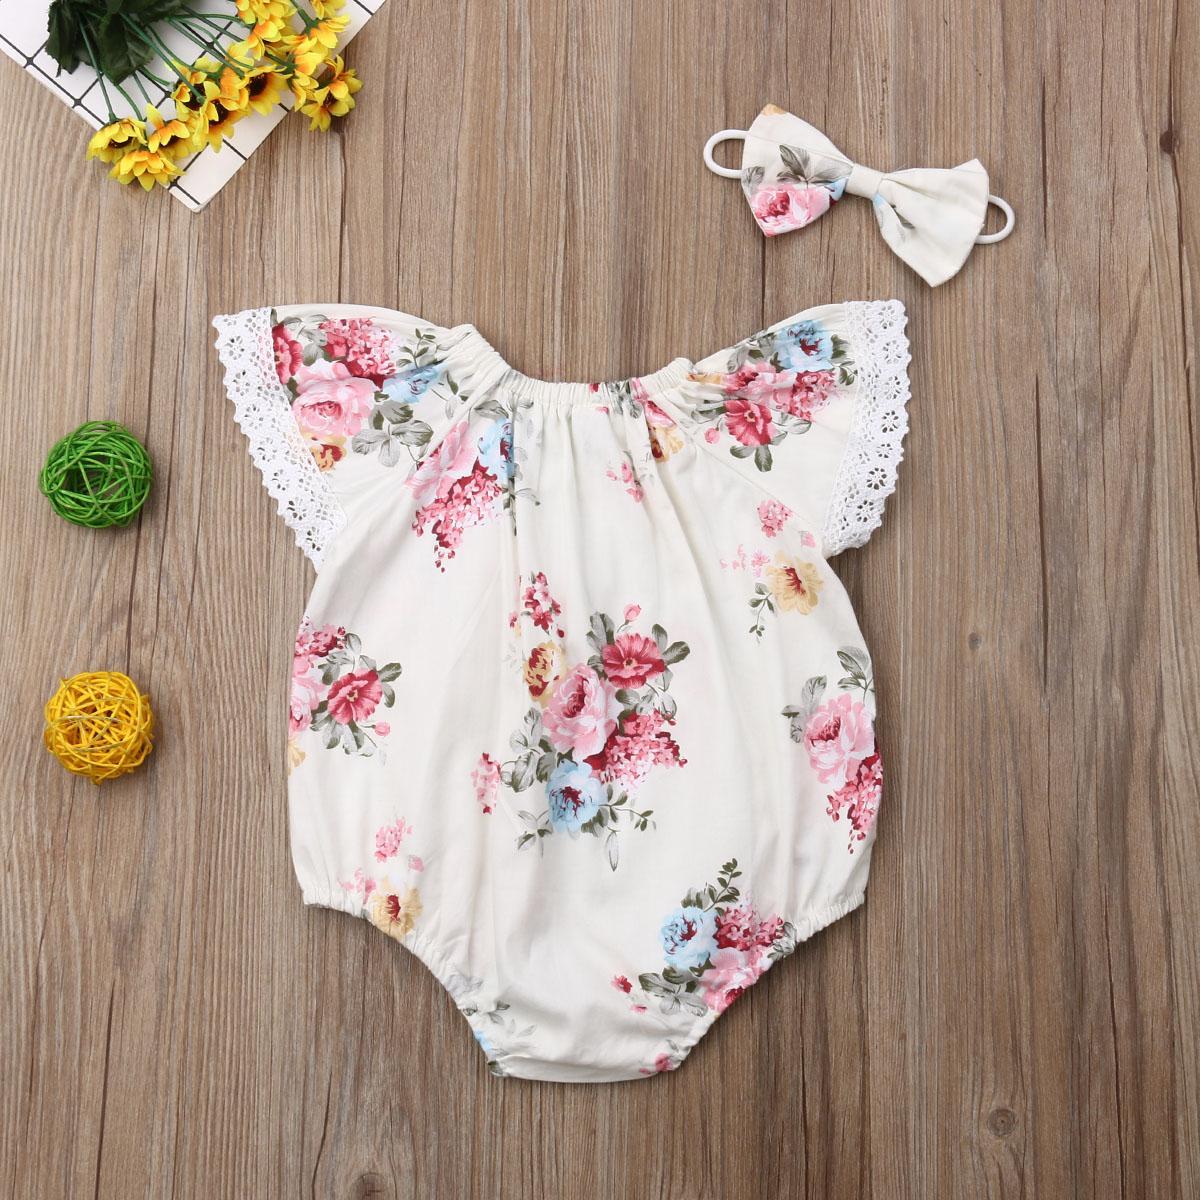 Recién nacido de los bebés monos Trajes princesa linda del mono florales ropa Cinta de cabeza sistemas trajes infantiles pequeño bebé